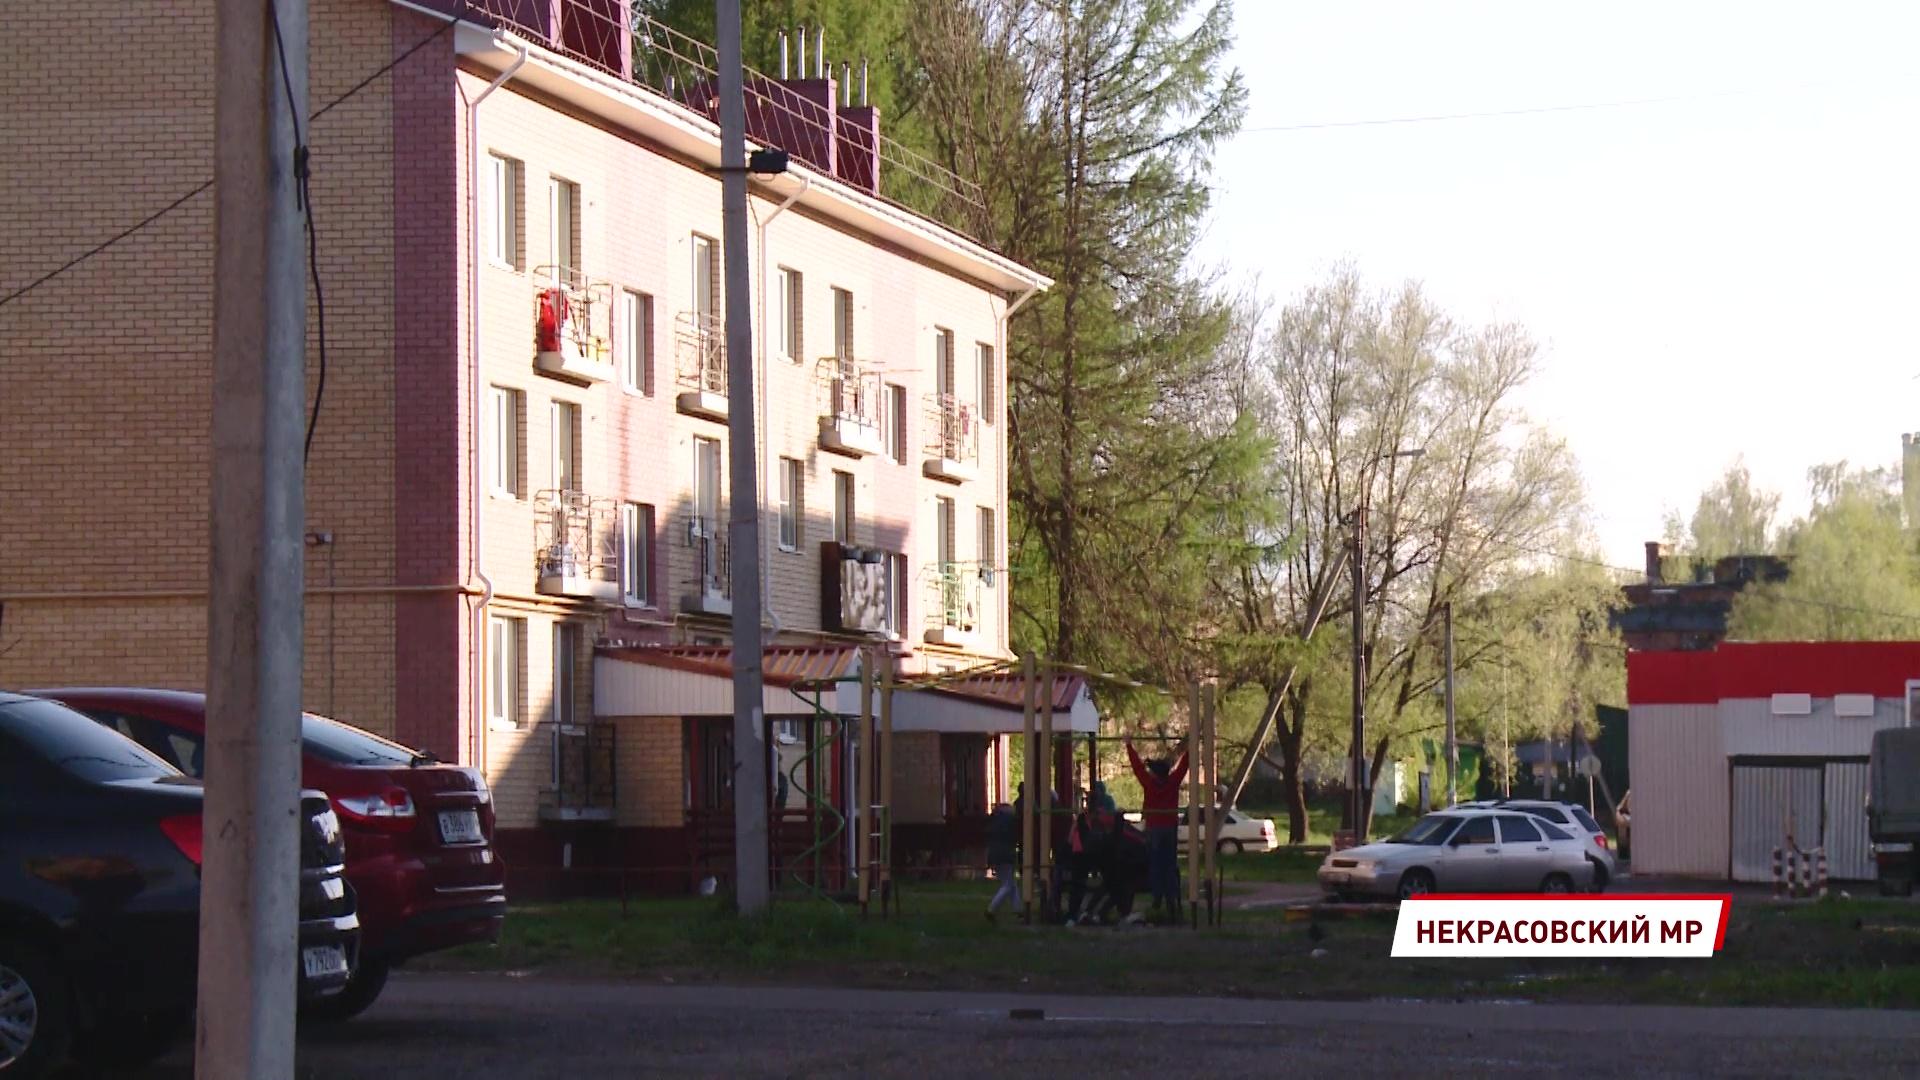 В поселке Красный Профинтерн расселяют аварийный дом с вековой историей